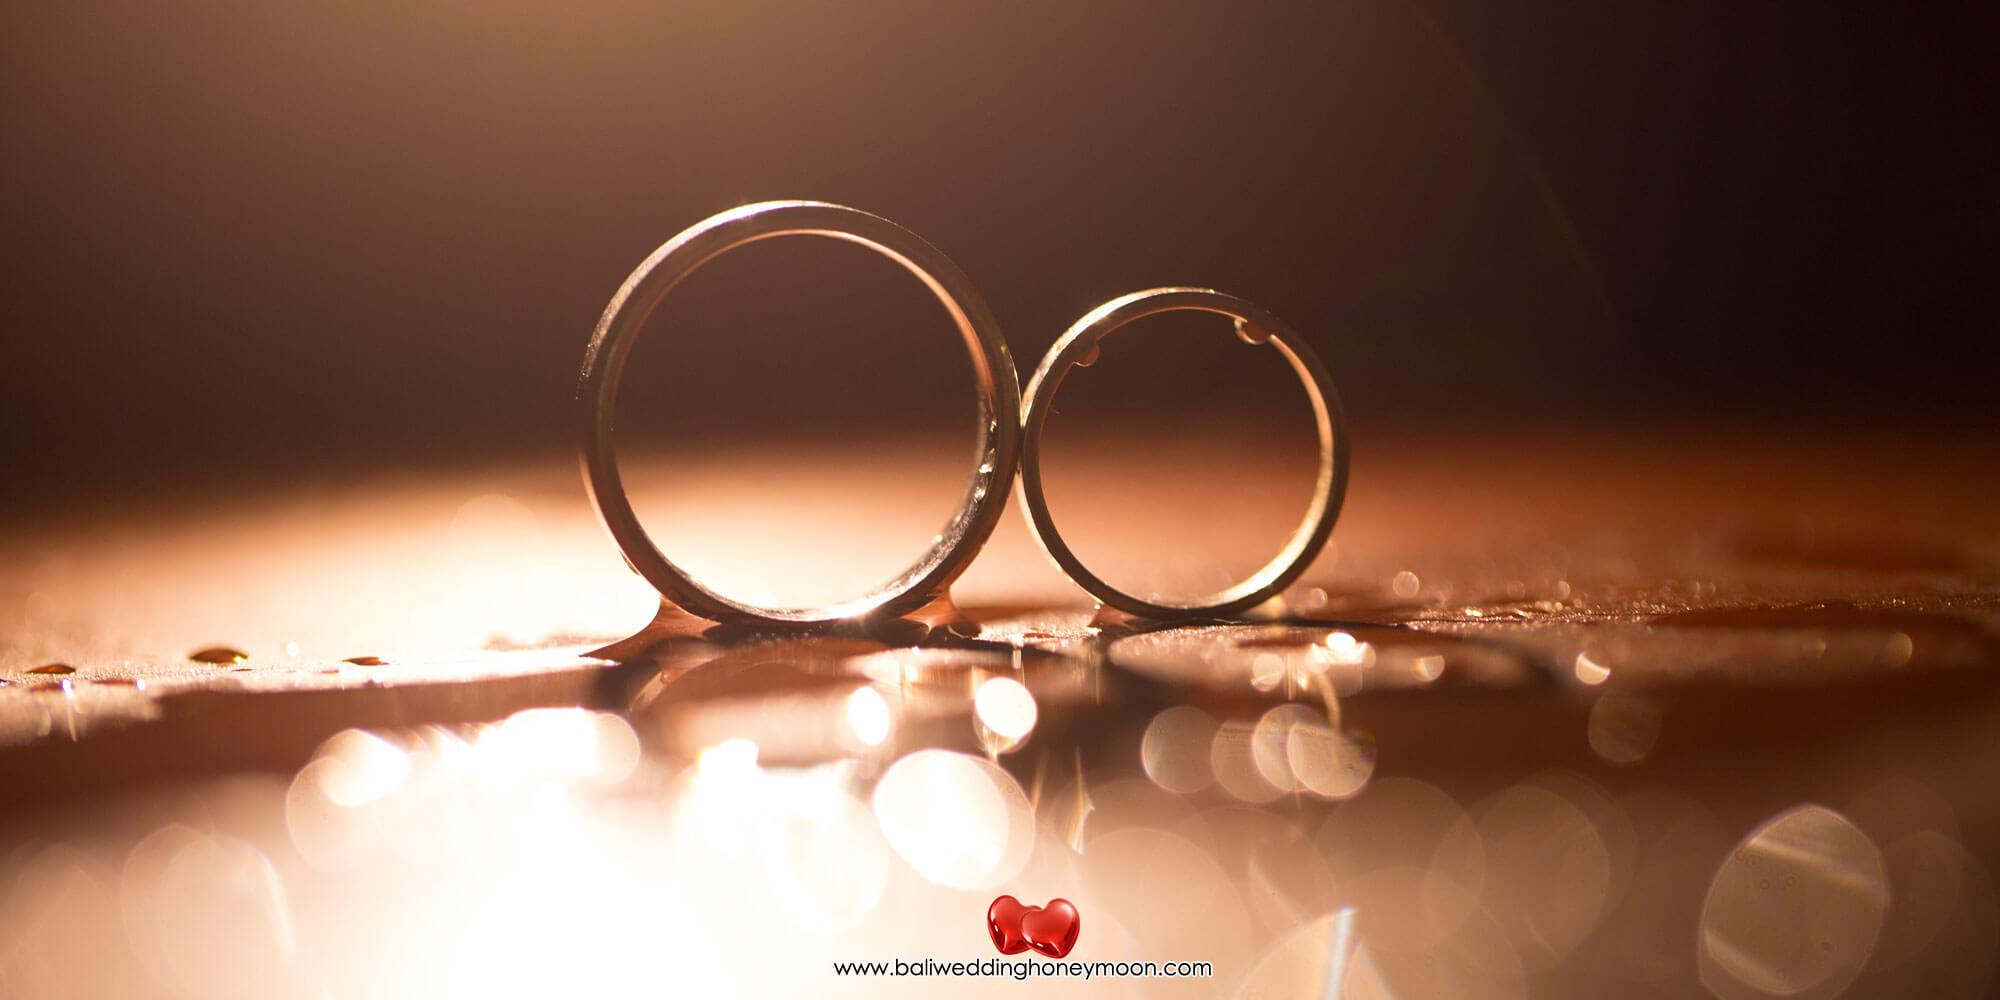 weddingvenuebali-villawedding-baliweddinghoneymoon-baliweddingorganizer-baliweddingplanner-baliweddingpackage-pushpapuri6